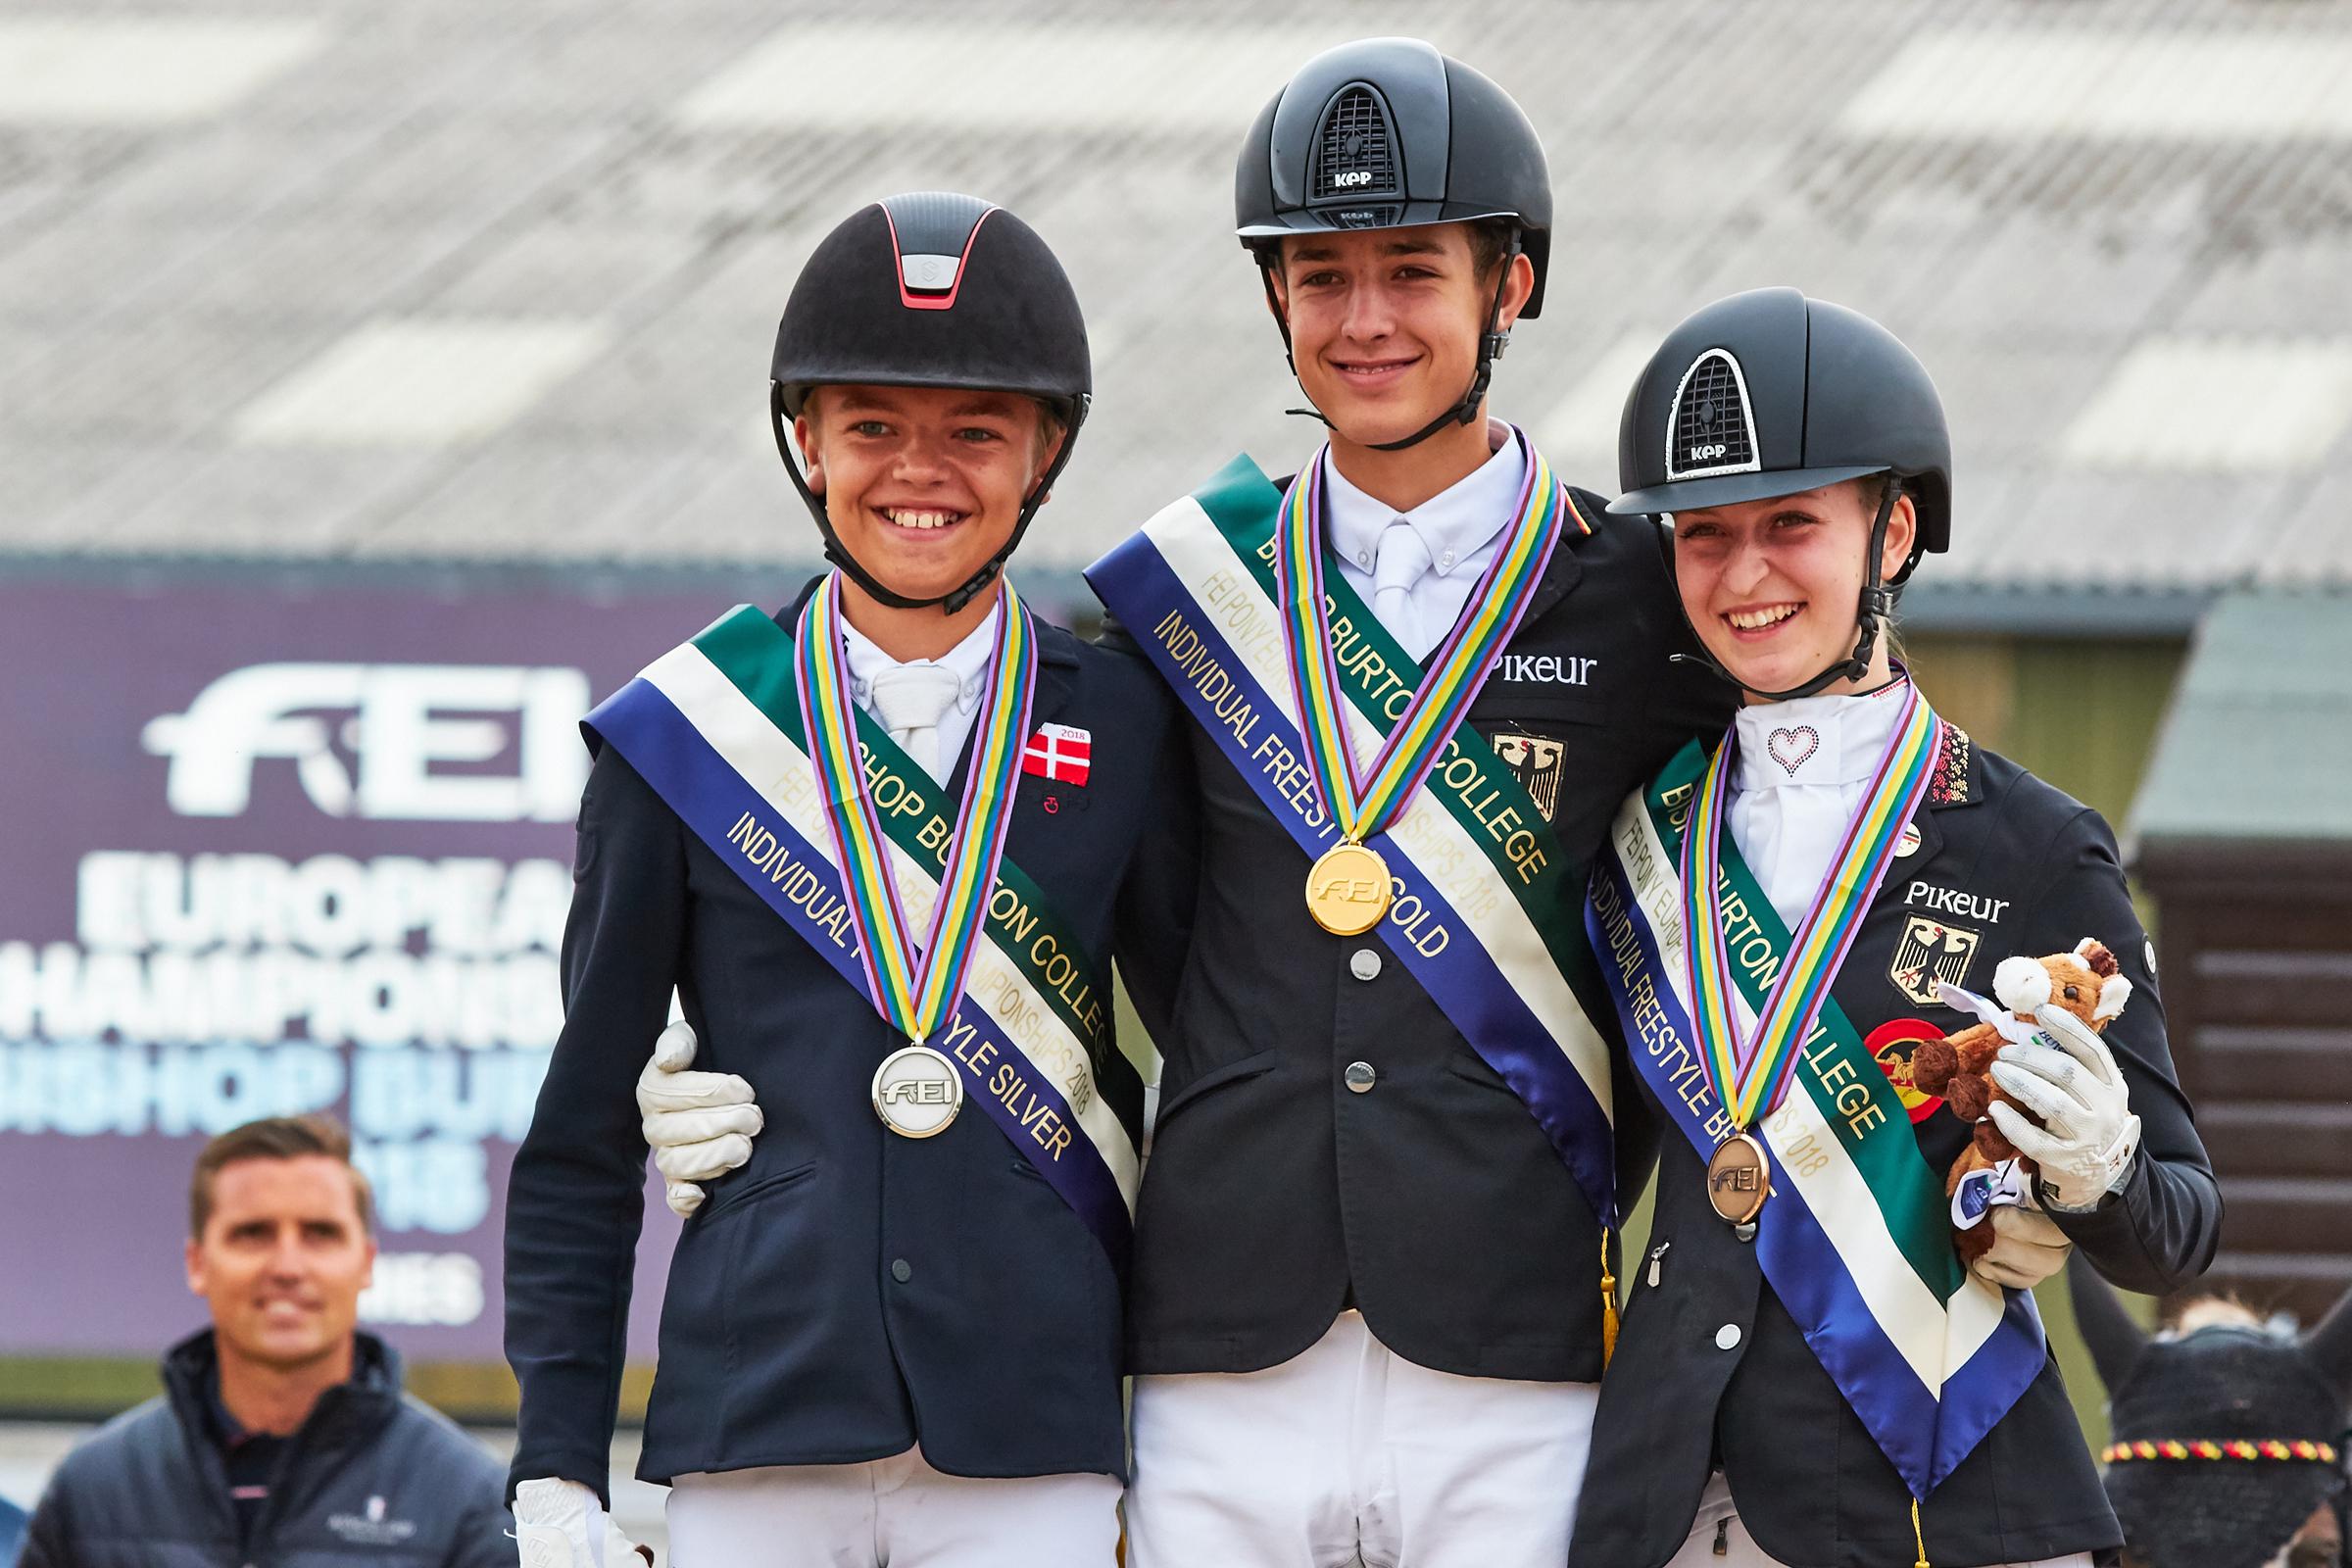 Meja Karlsson SweFei European Championships